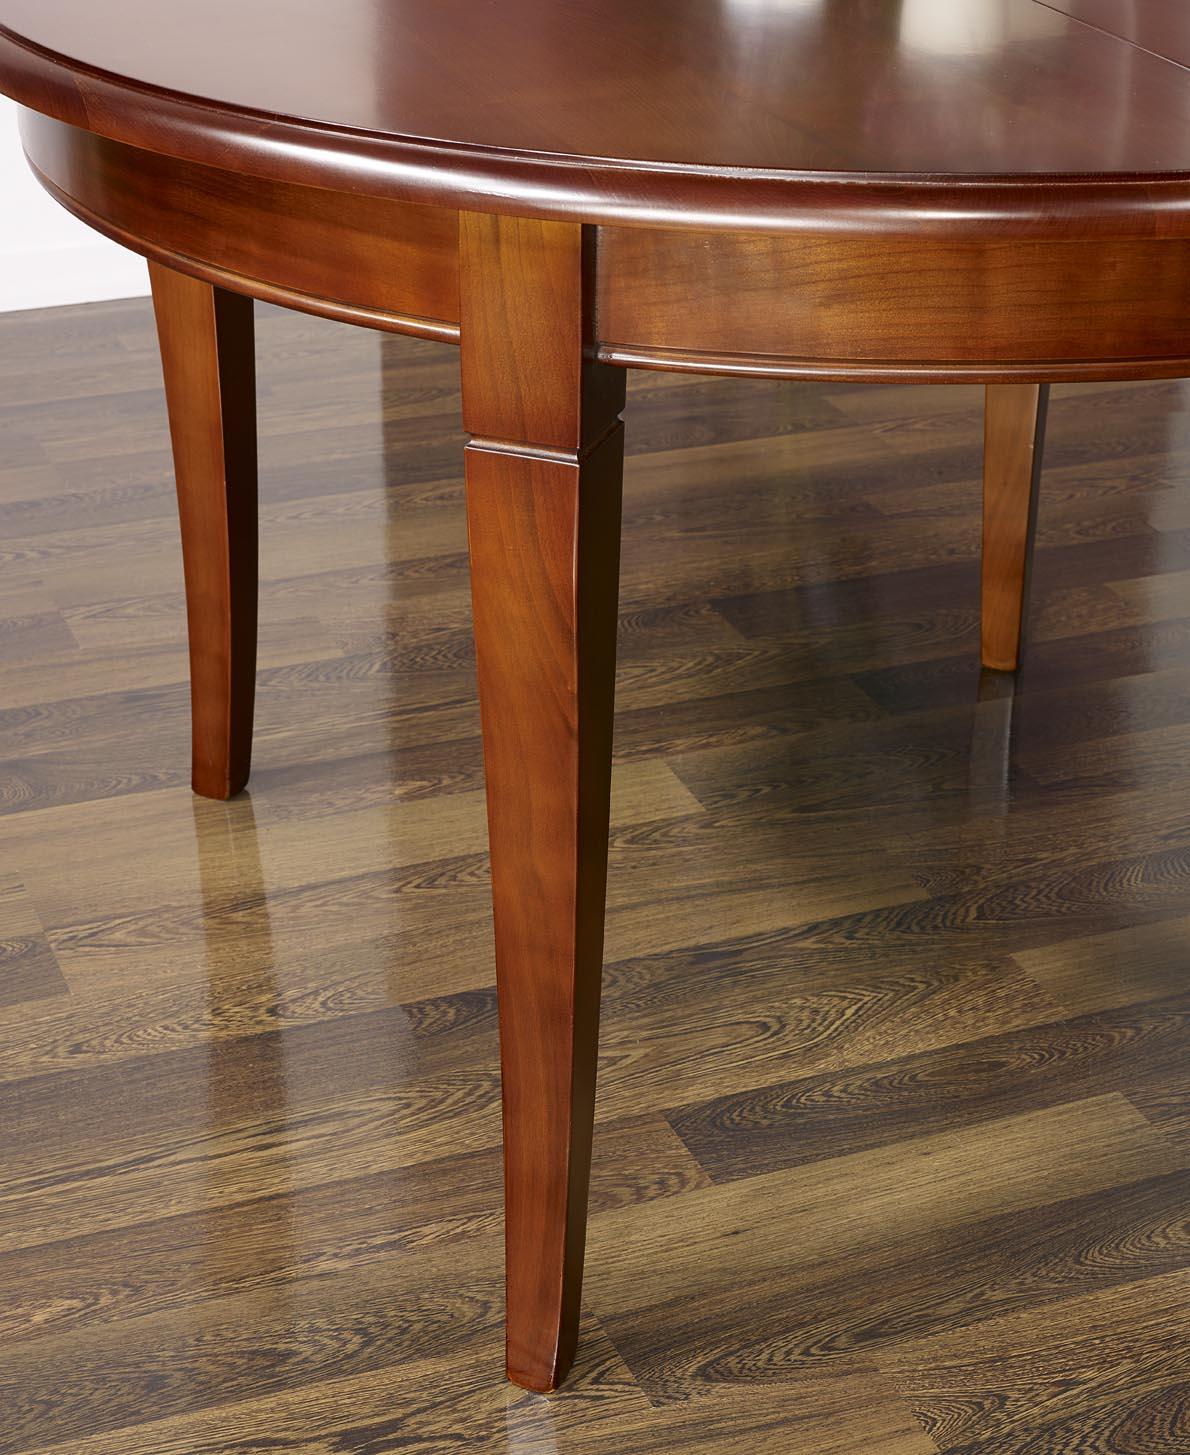 table ronde 4 pieds sabres en merisier massif de style louis philippe 3 allonges de 40 - Table Merisier Massif